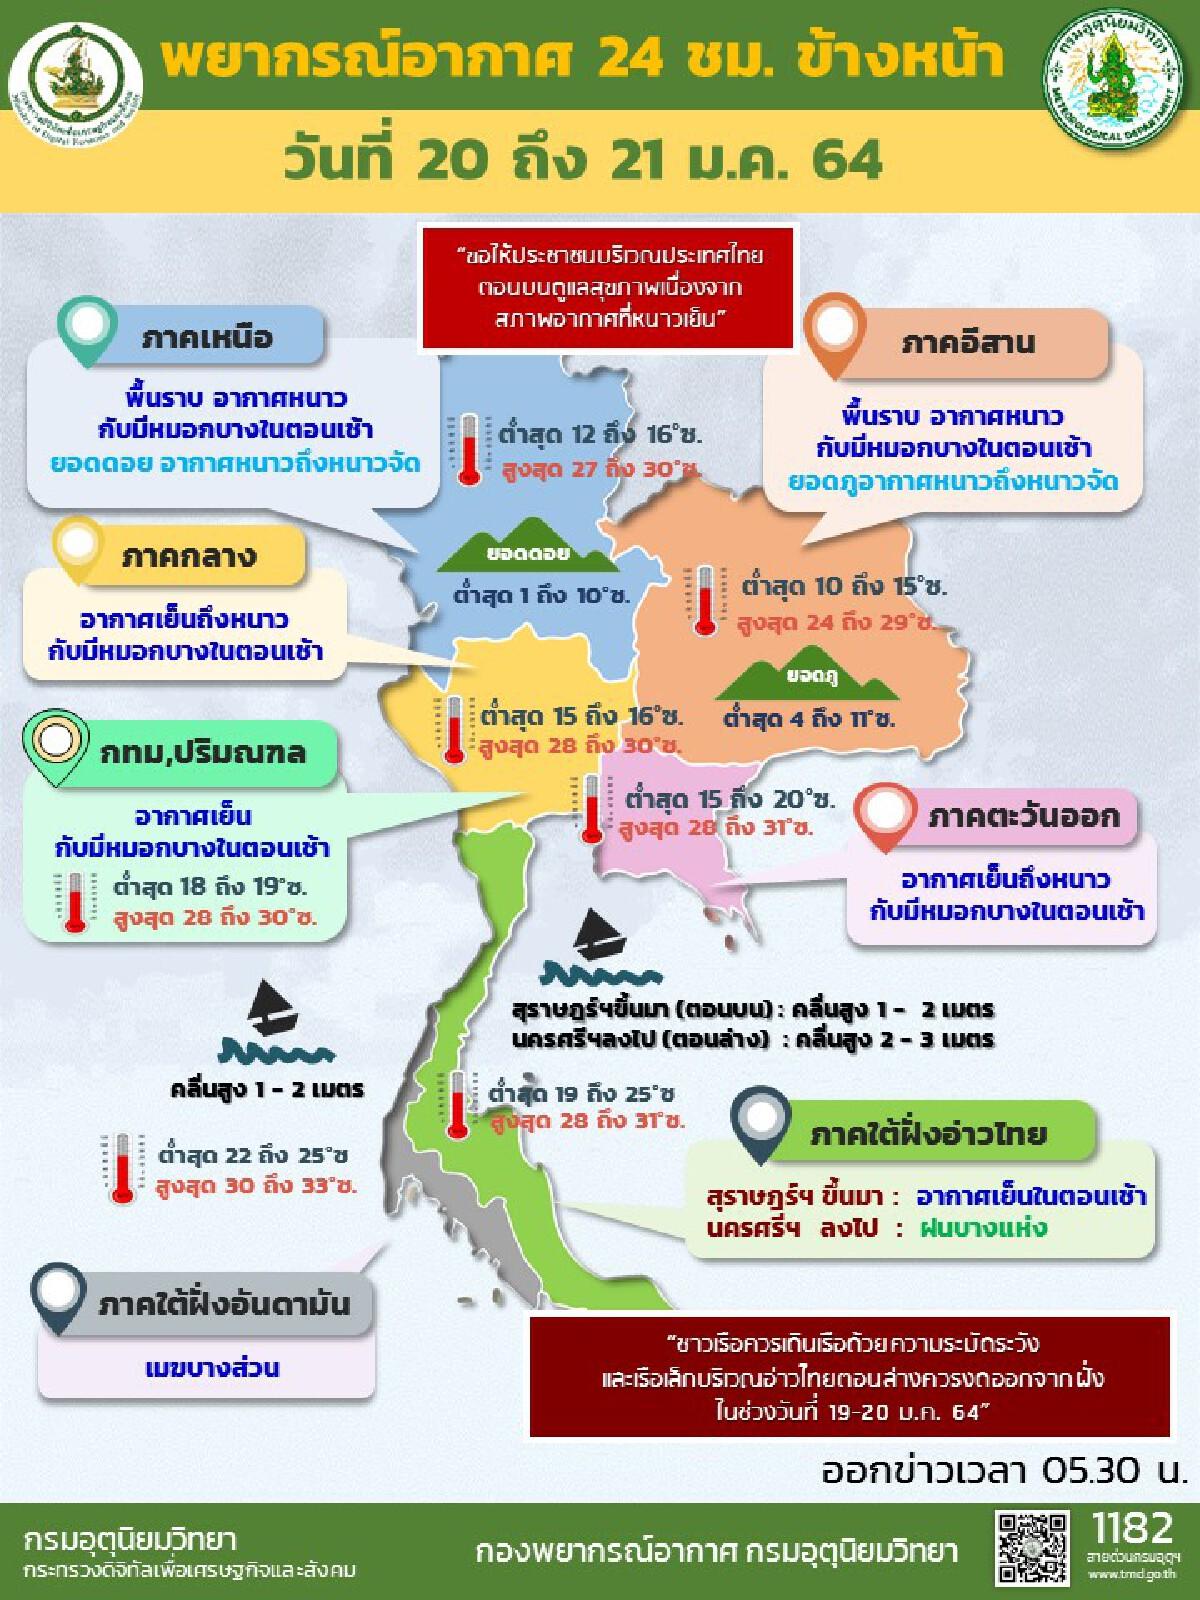 กรมอุตุฯ เผยไทยตอนบนมีอากาศเย็นถึงหนาว กทม.อุณหภูมิต่ำสุด 18 องศา